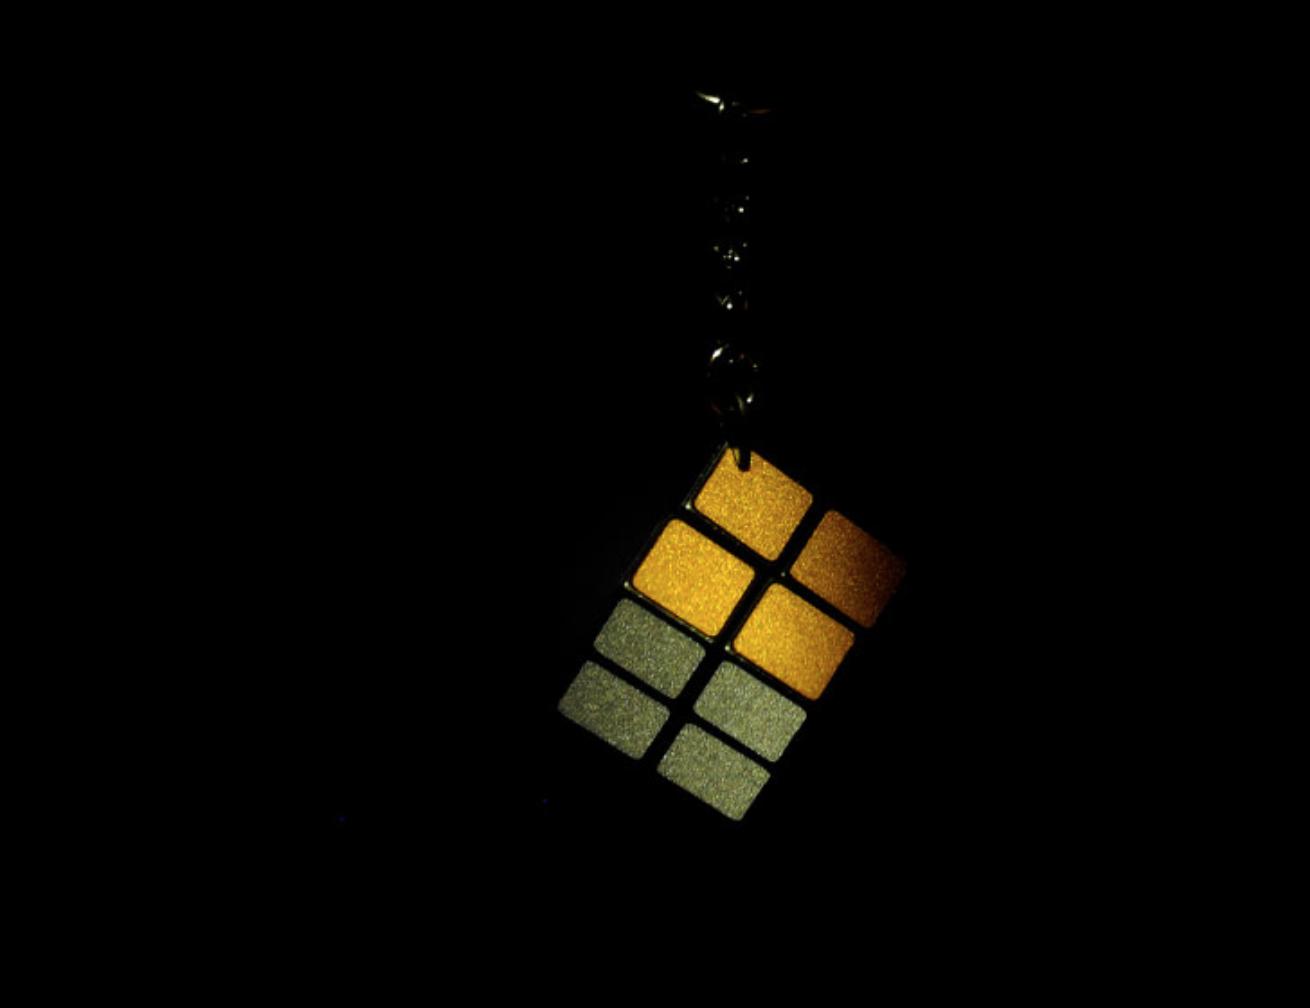 マジックキューブ キーホルダー (反射材仕様)